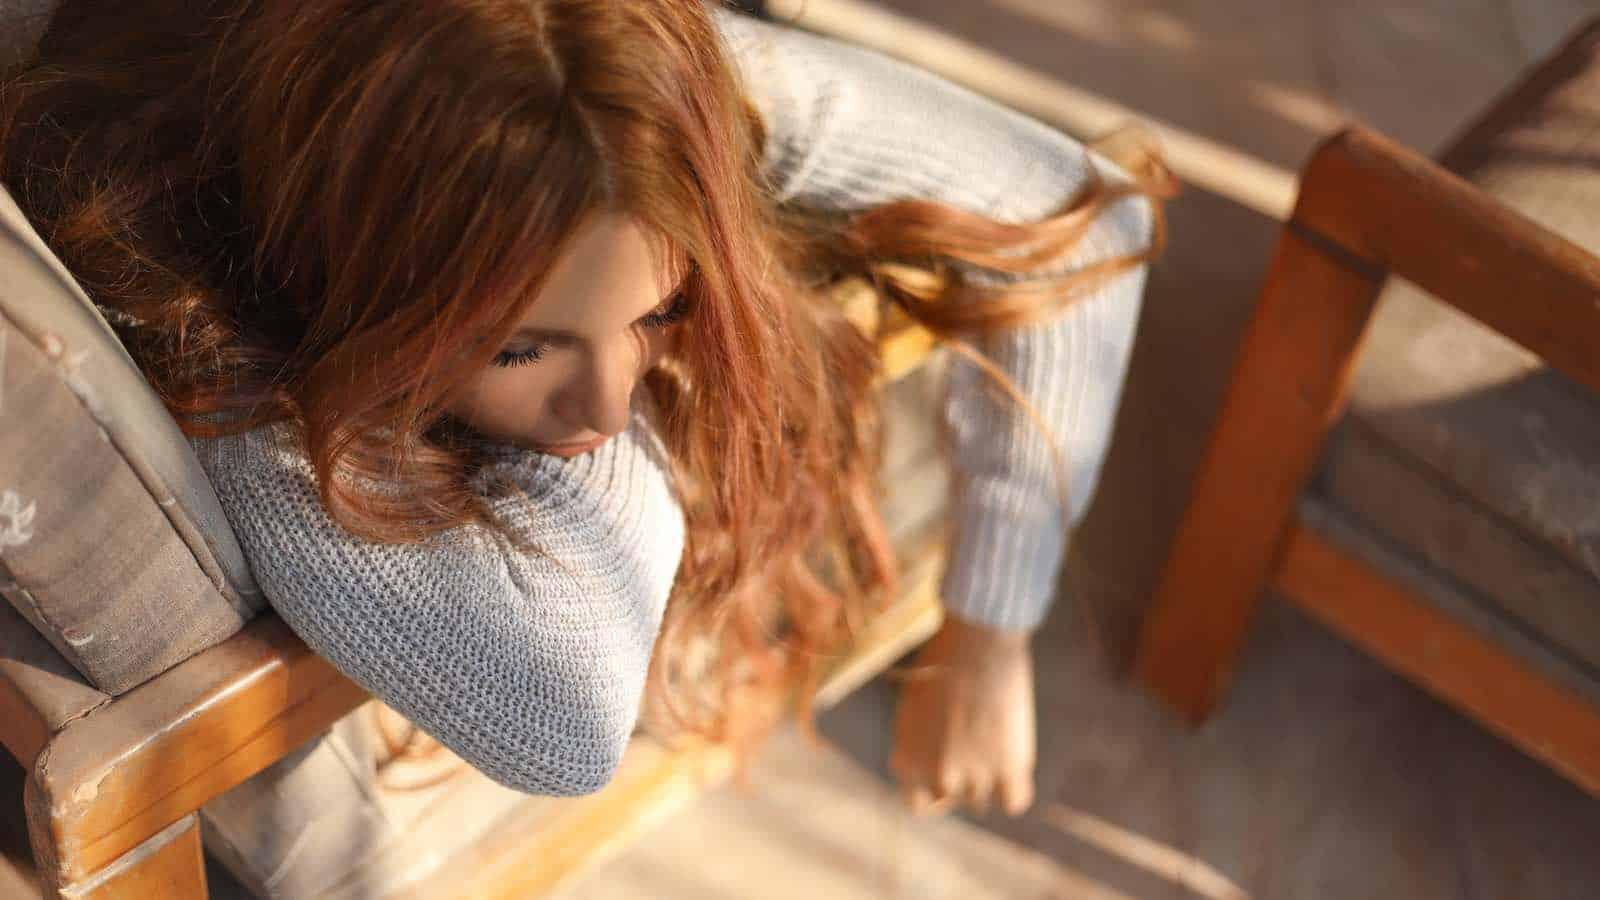 Einschlafhilfen- 9 wissenschaftlich bewiesene natürliche Schlafmittel